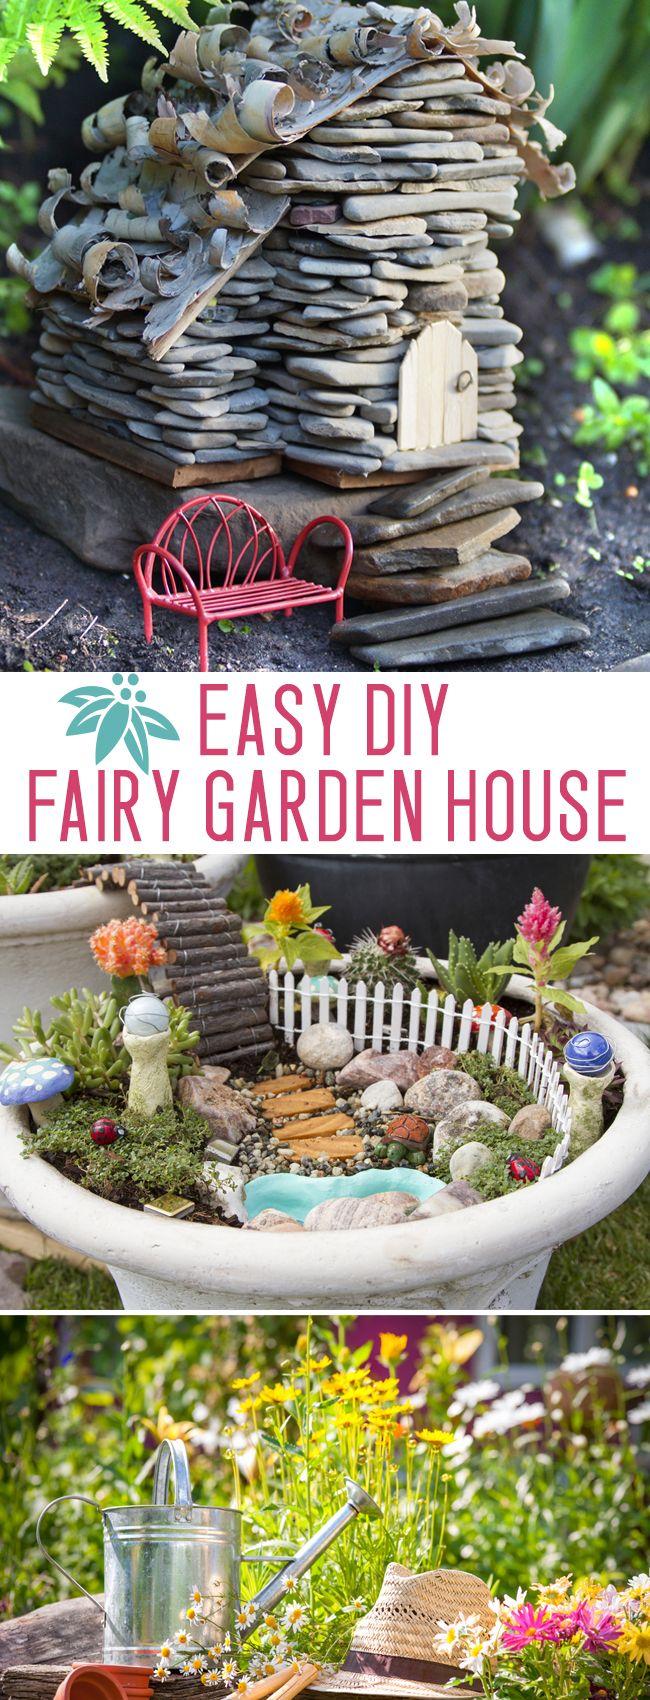 Build The Cutest DIY Fairy Garden House EVER